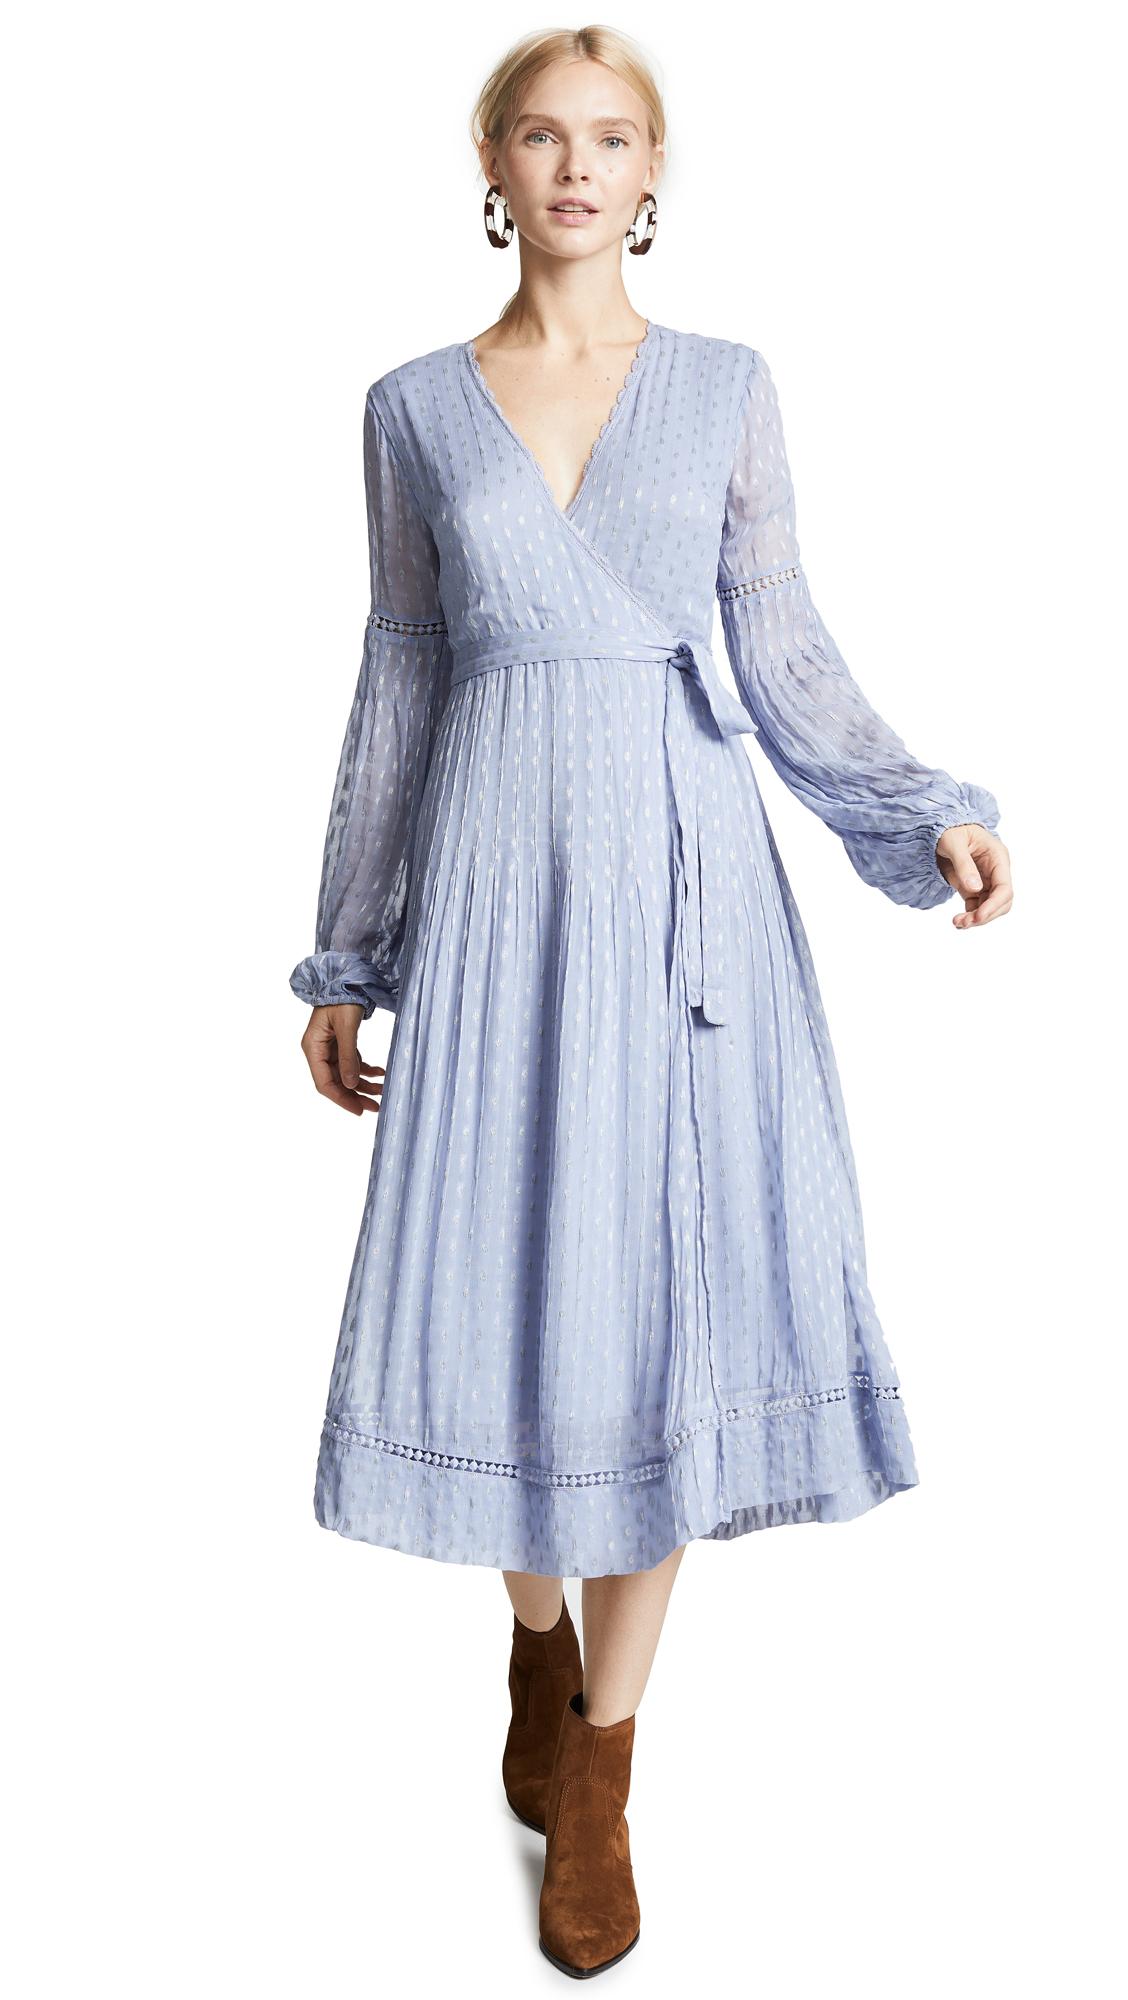 STEELE Luella Wrap Dress in Powder Blue